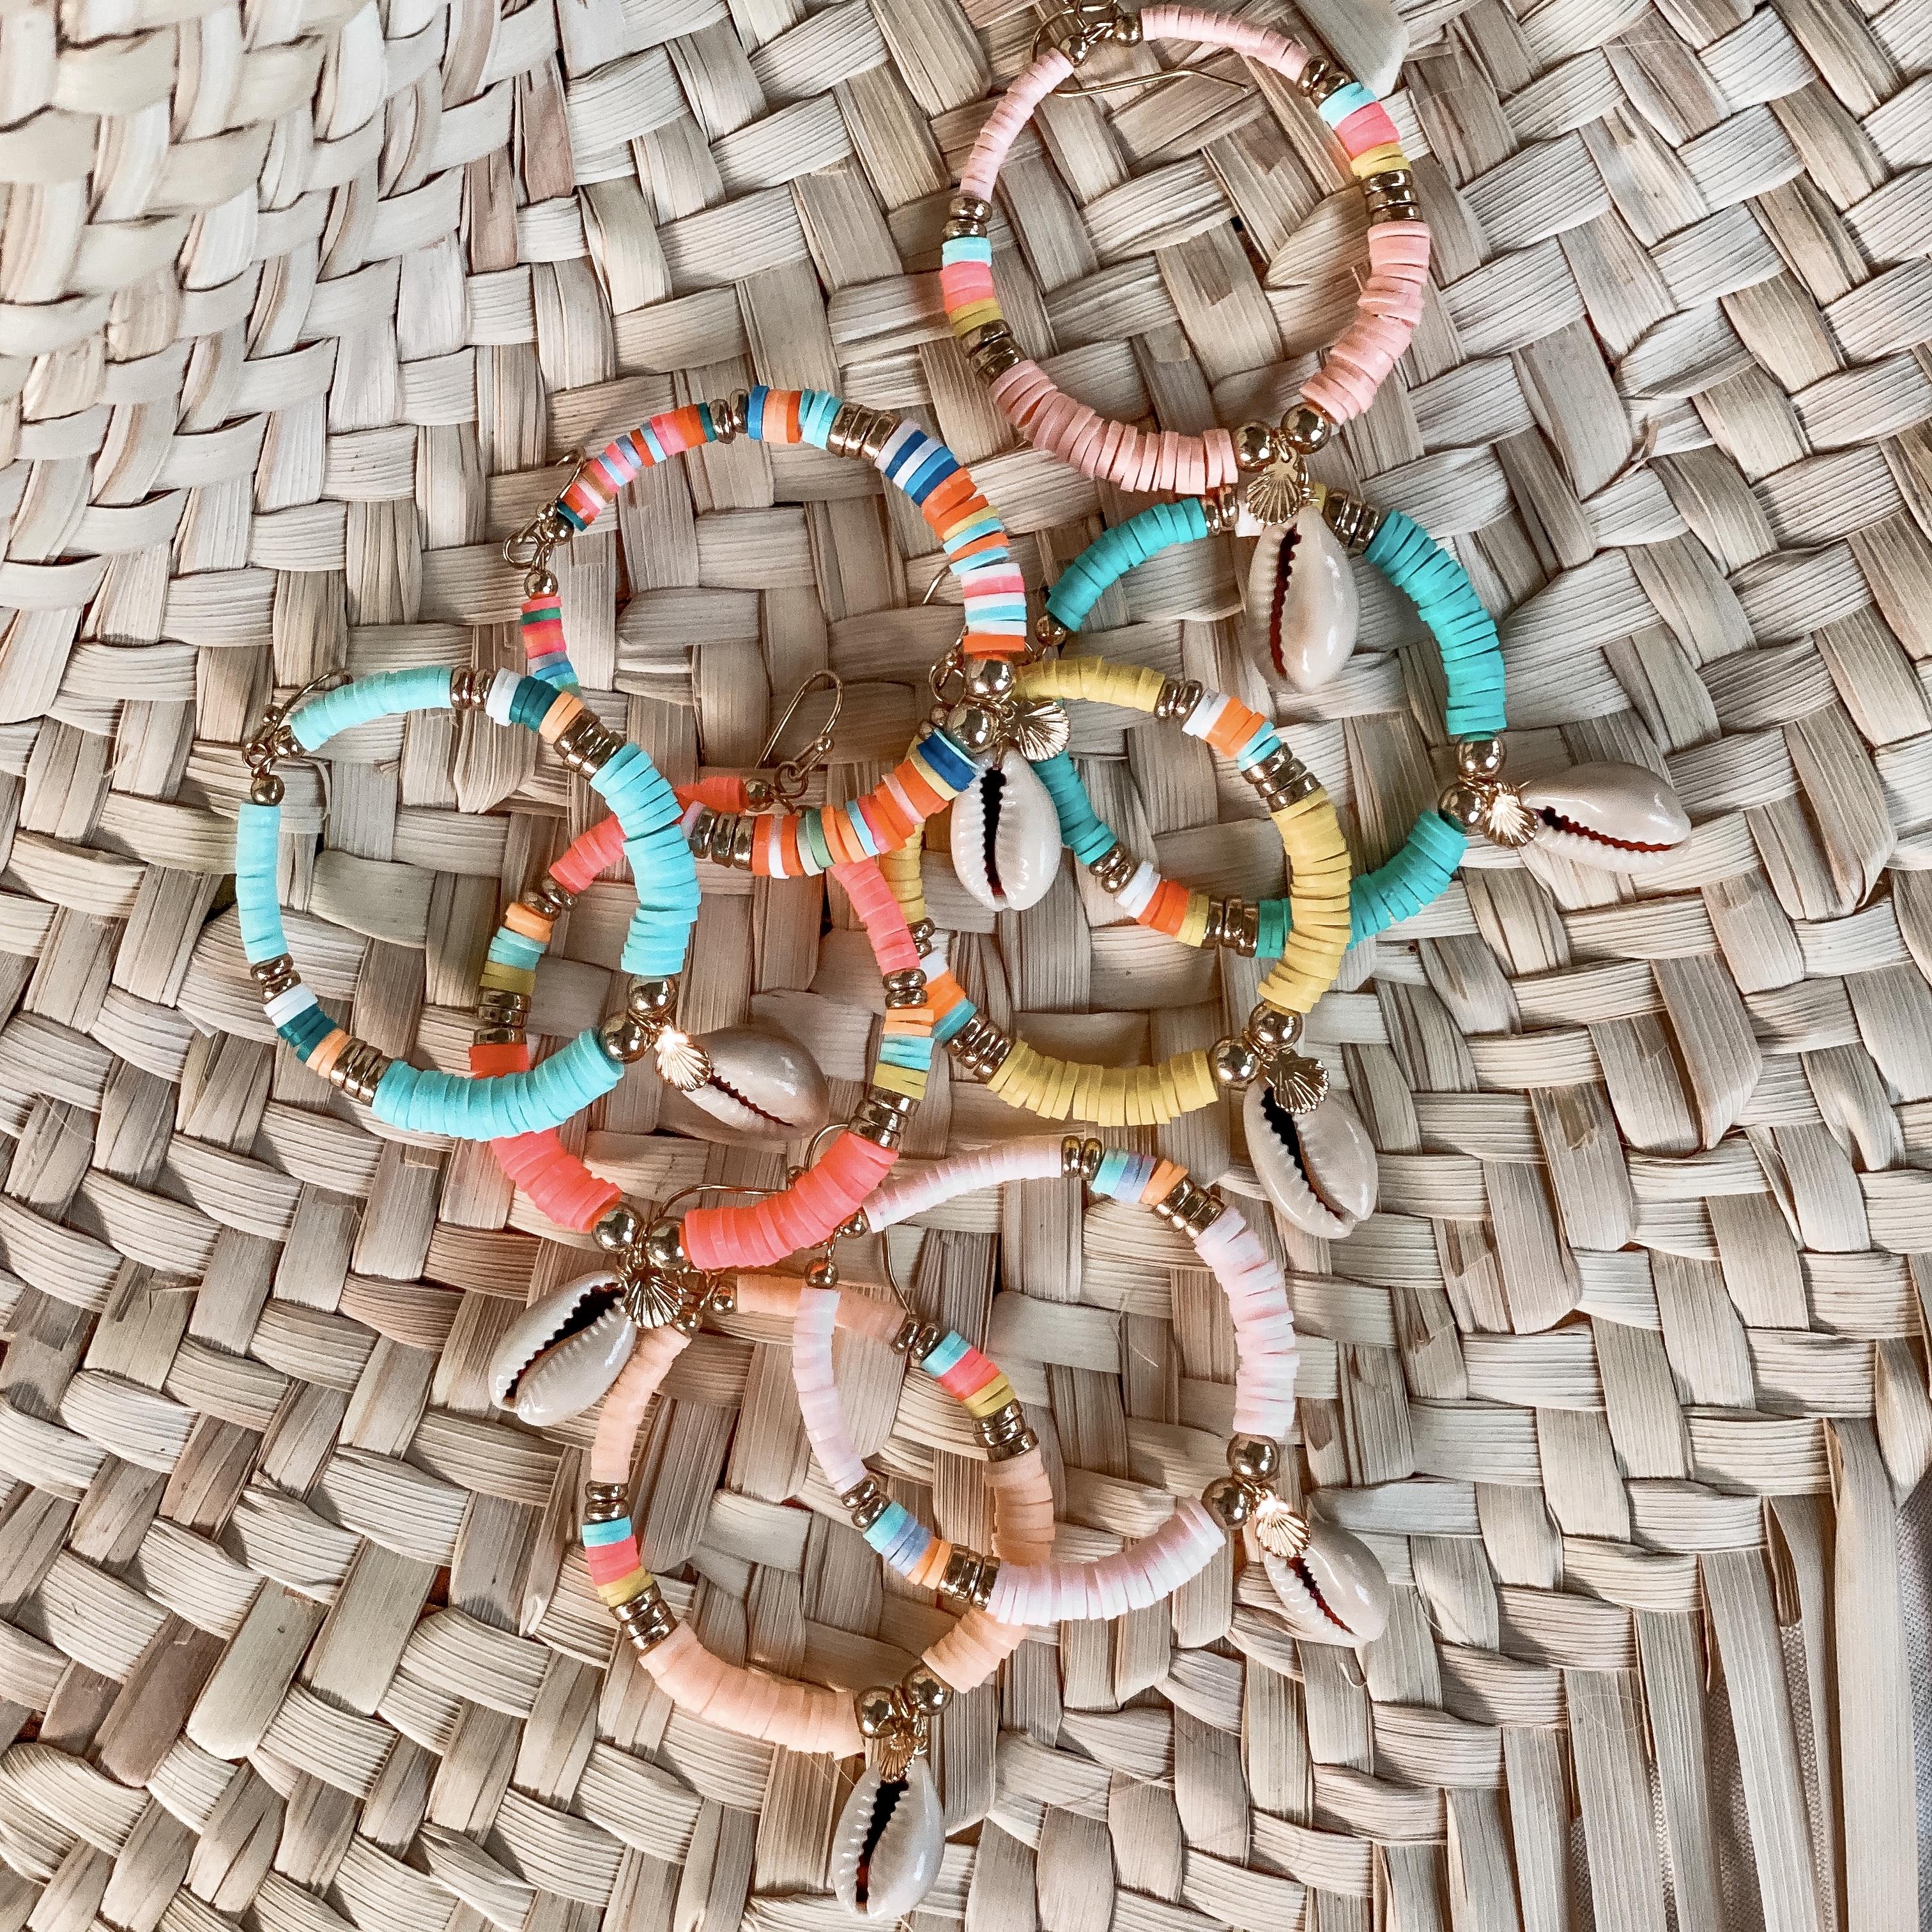 boucles d'oreilles perles heishi Cénélia   boucle d'oreille plage colorée